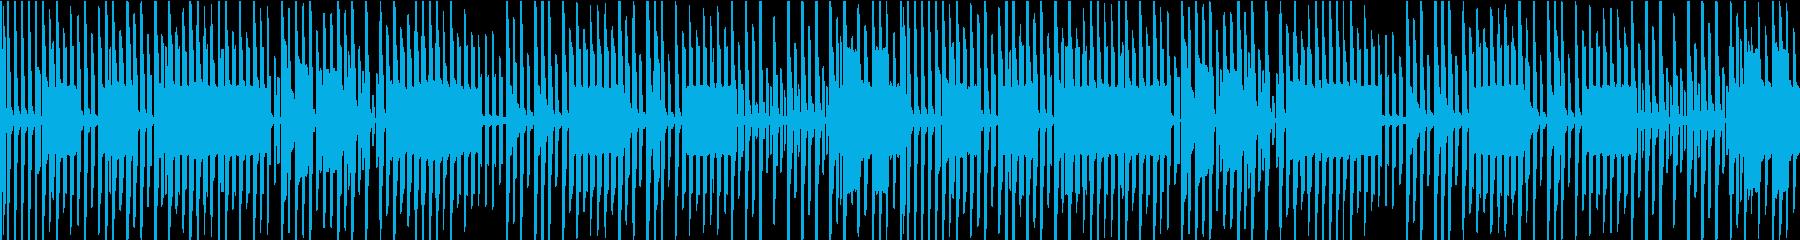 FC風ループ 竹林を行くの再生済みの波形